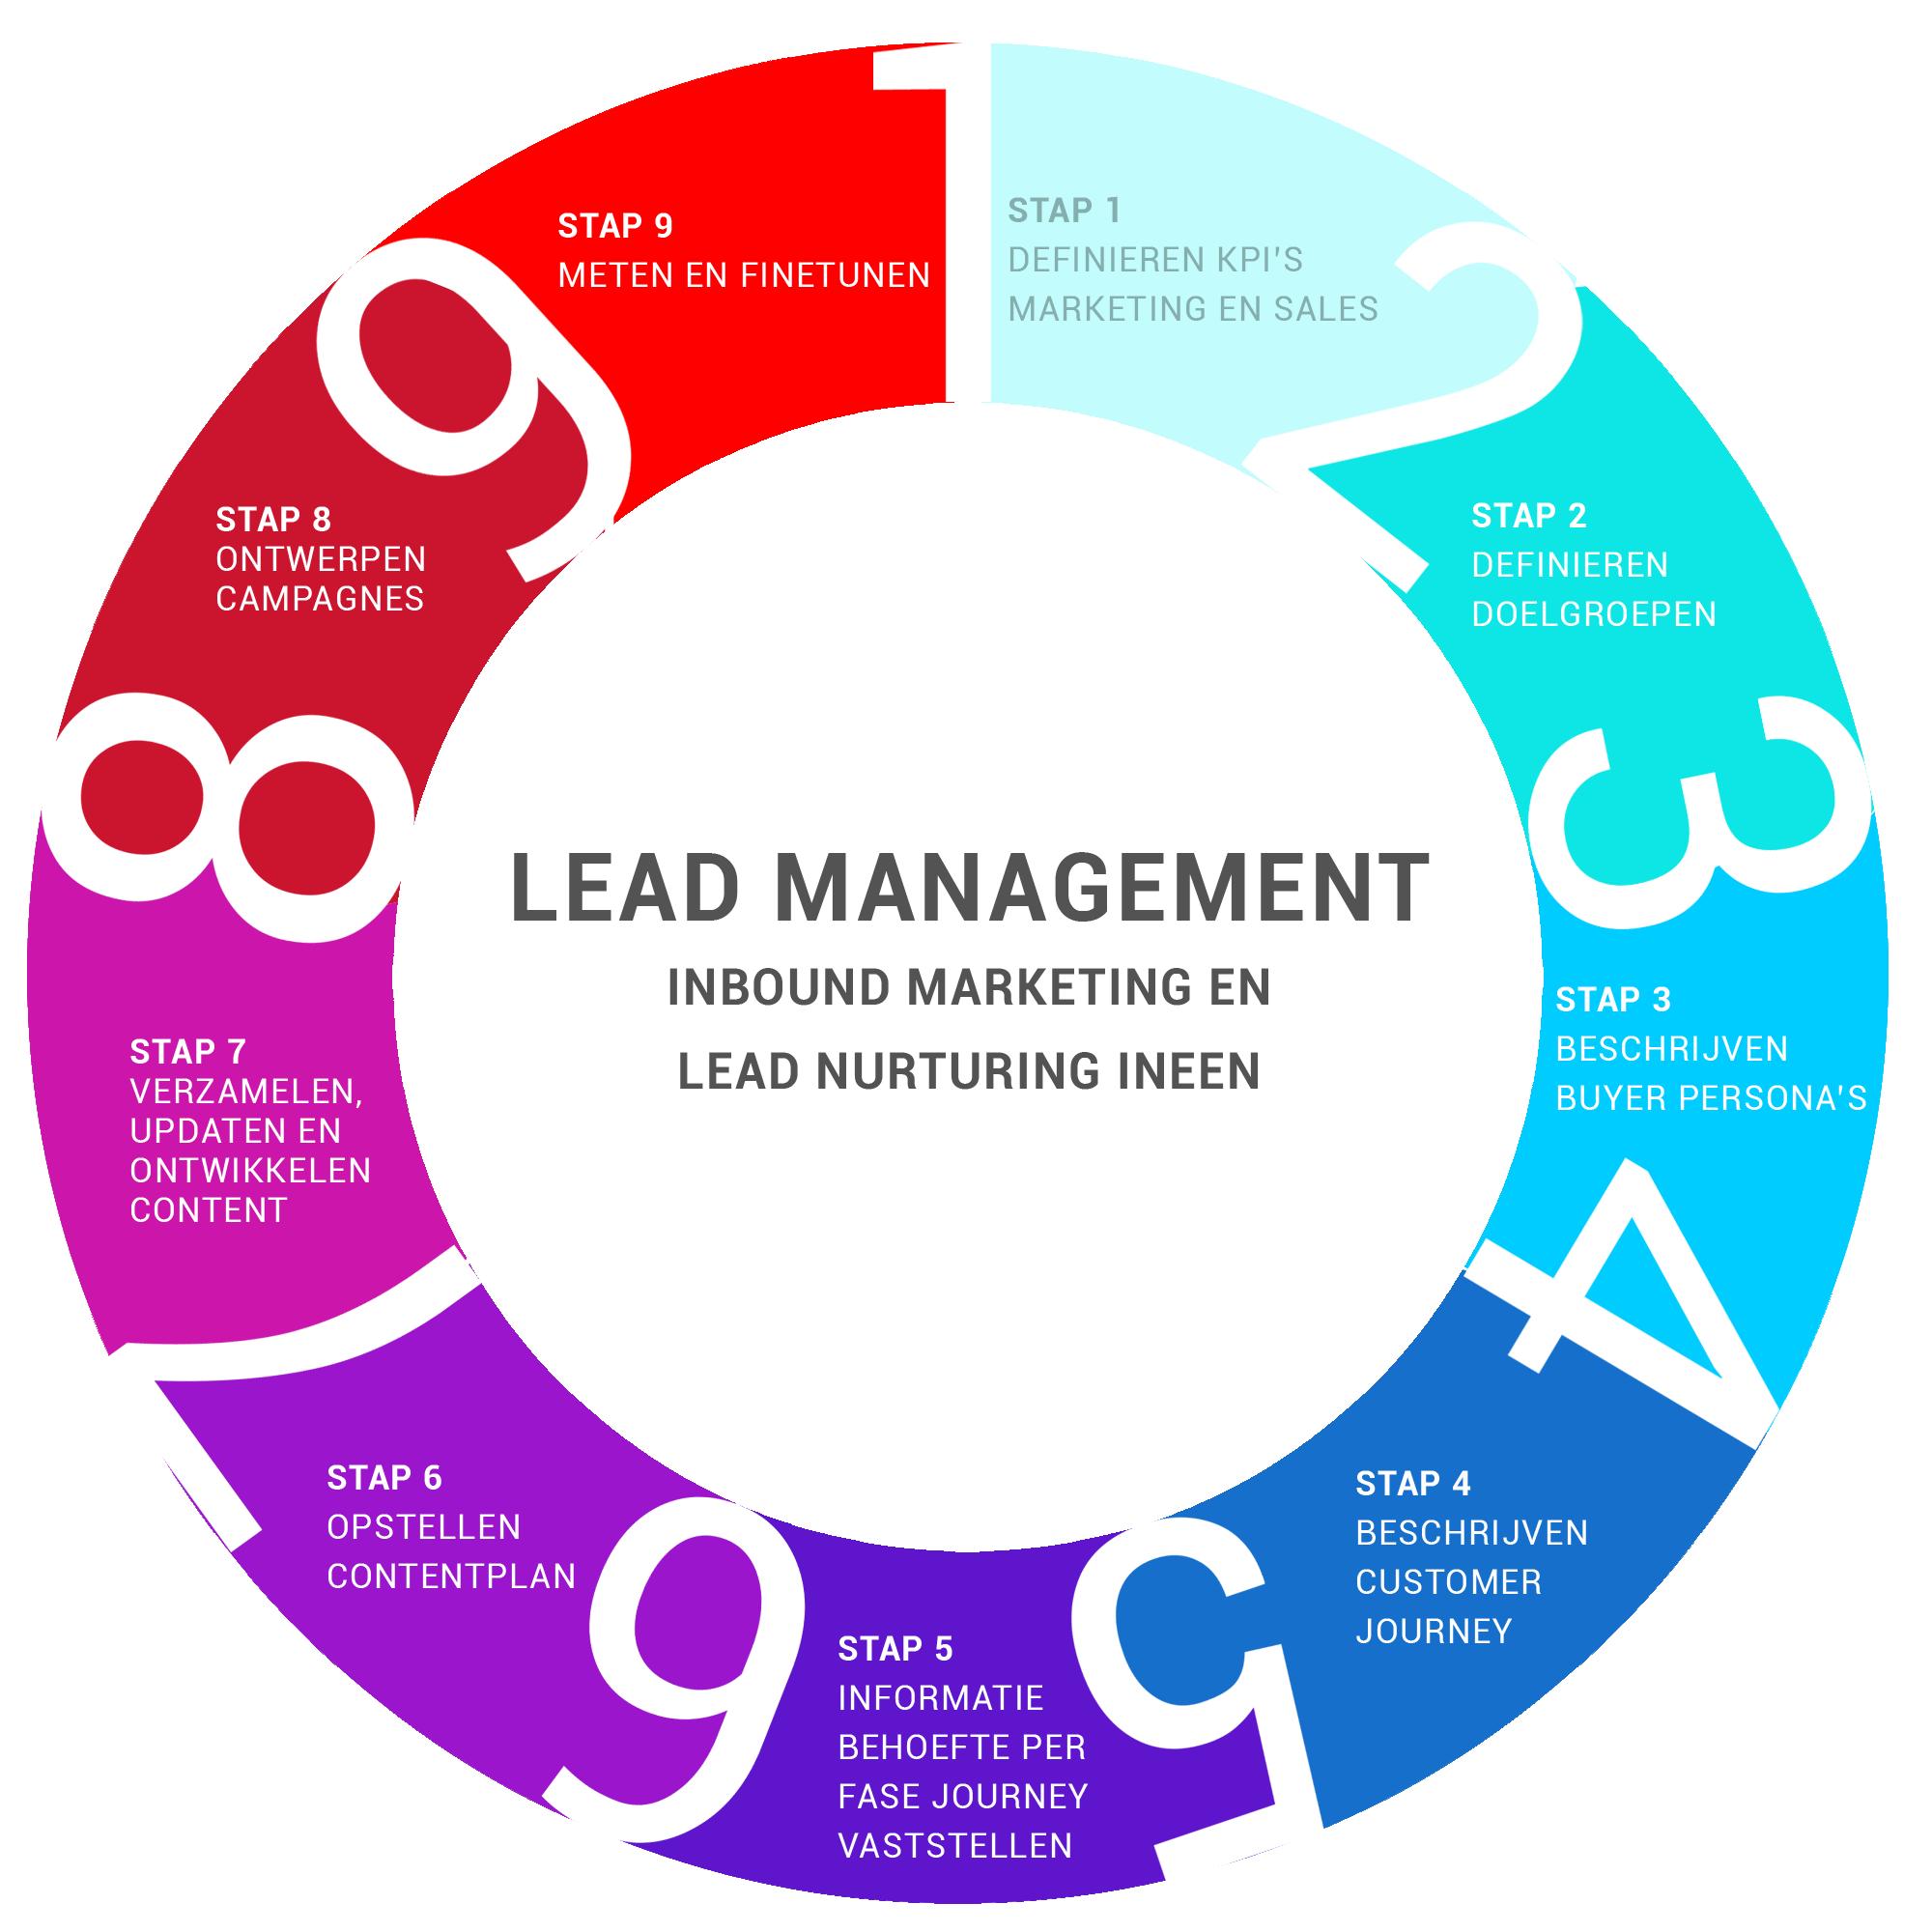 lead management, marketing, inbound marketing, lean nurturing